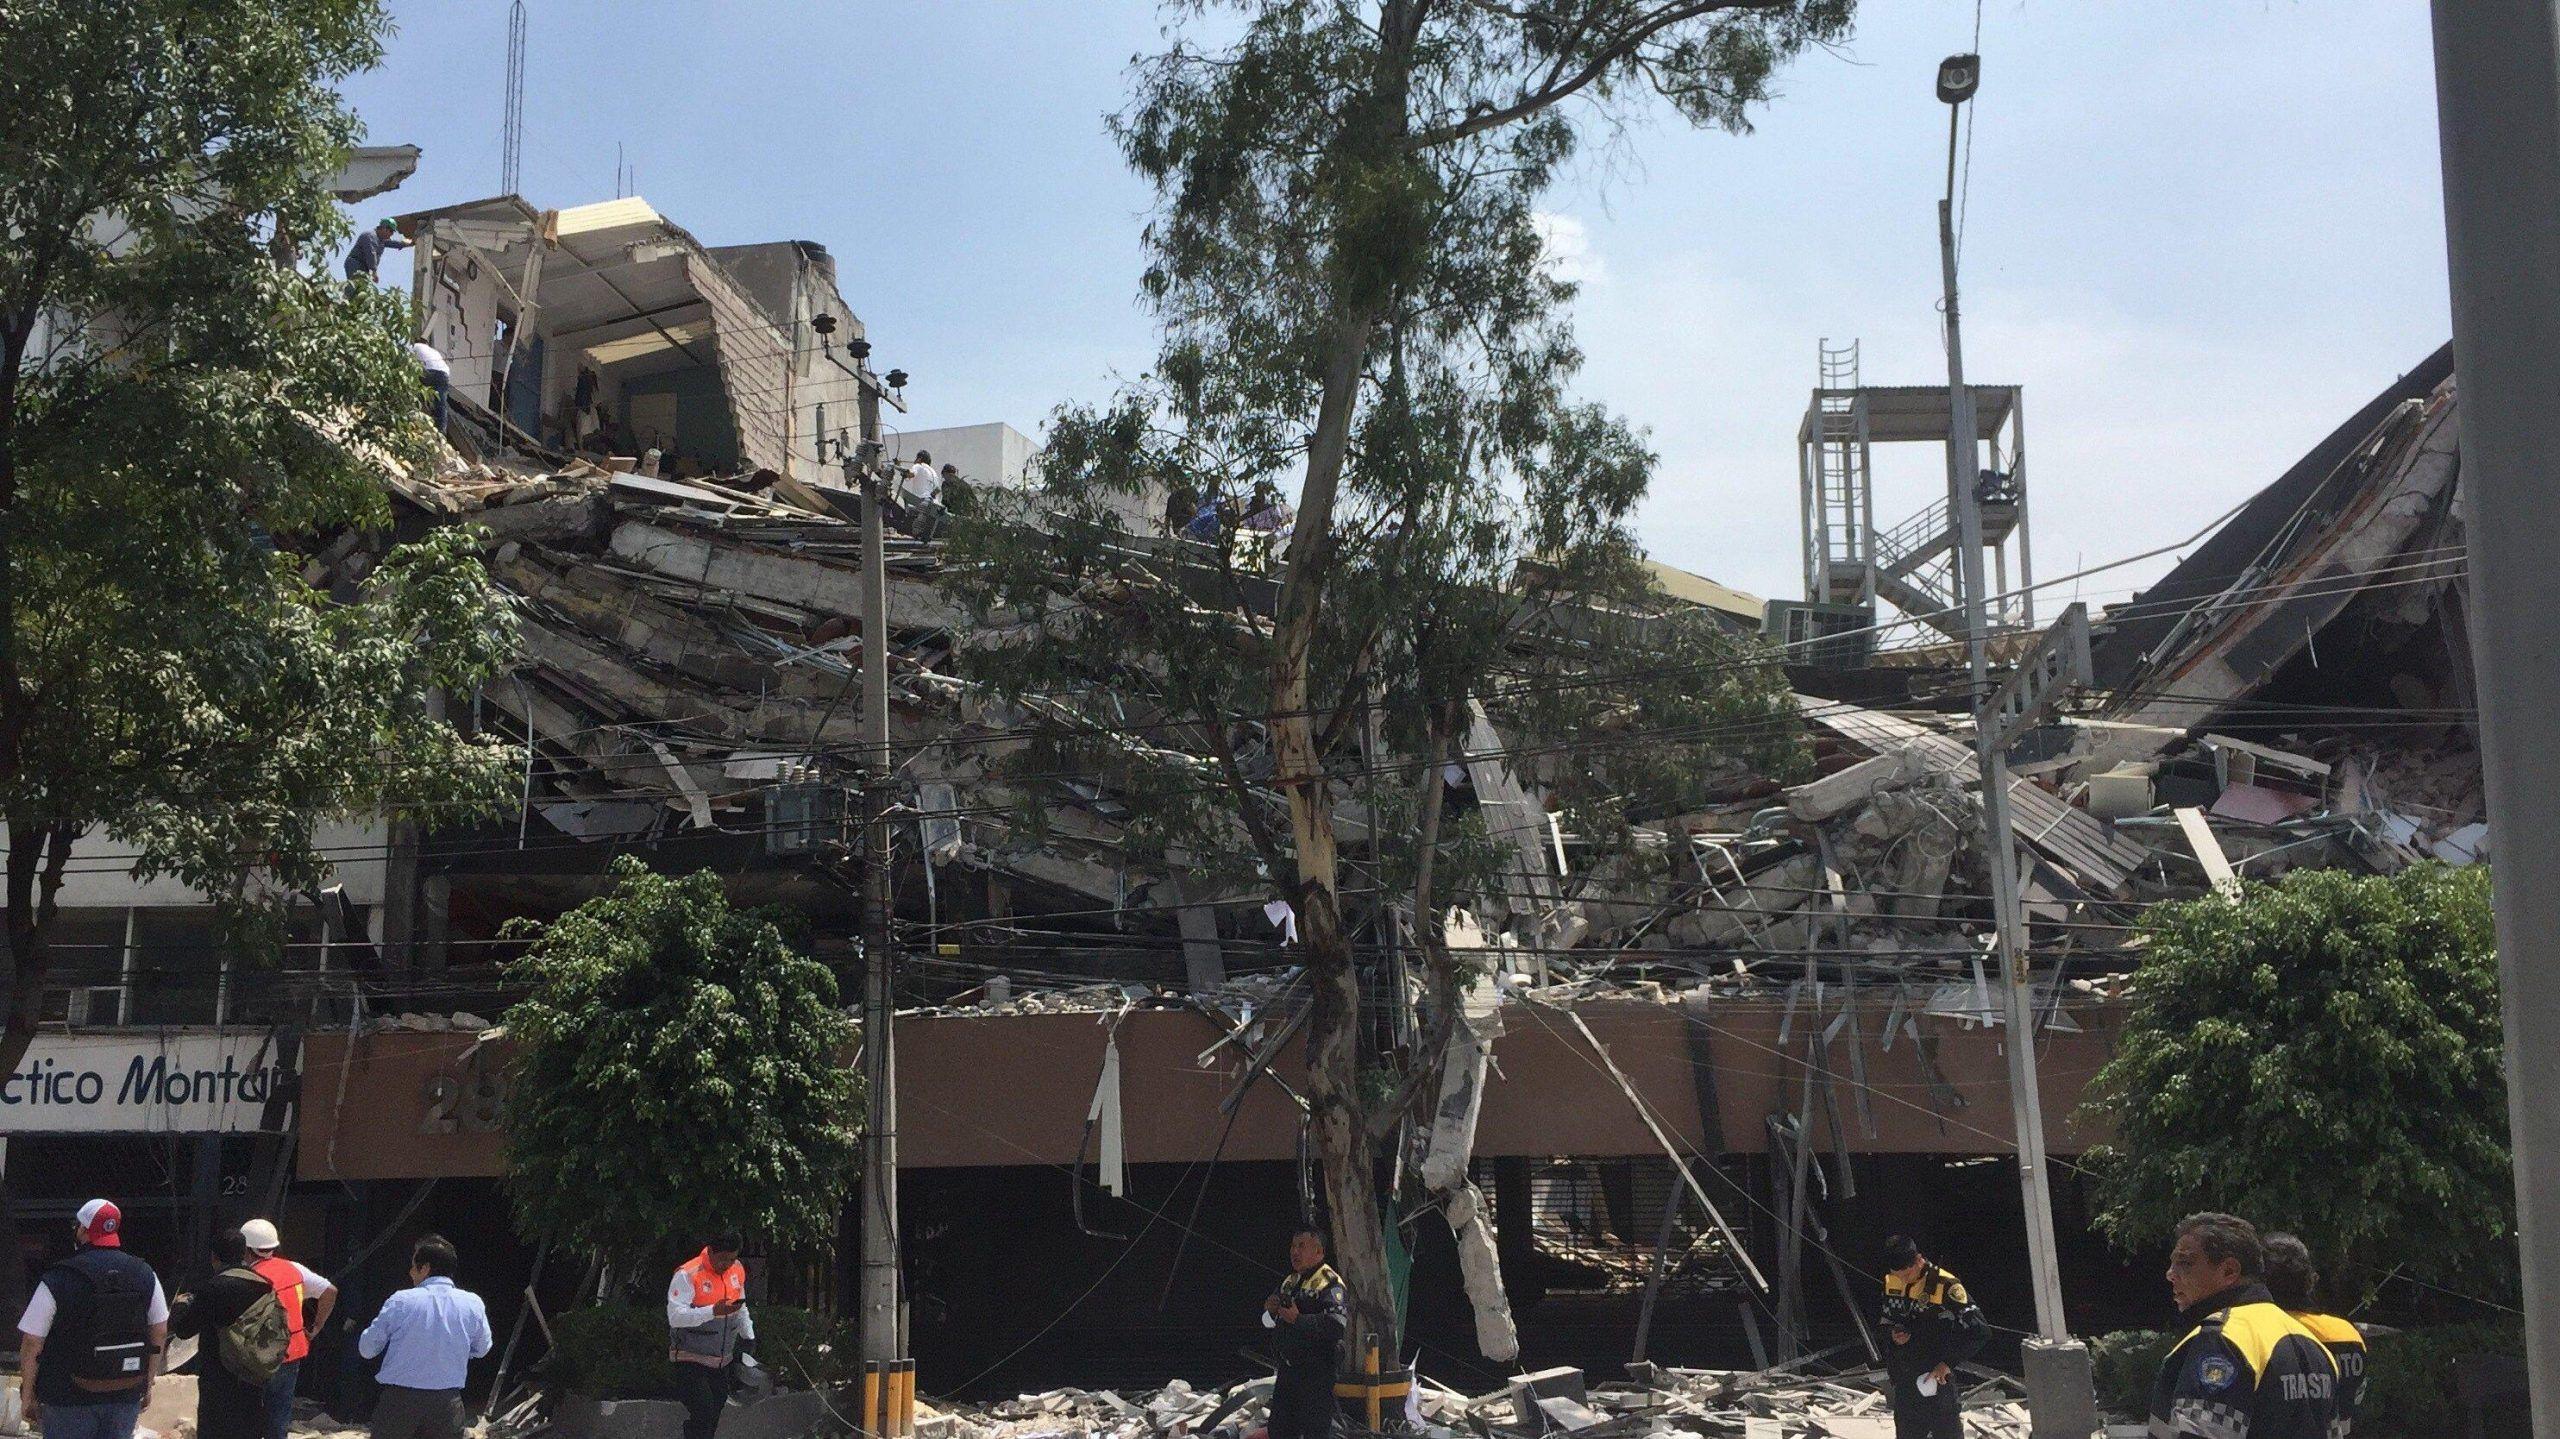 Terremoto in Messico: scossa di magnitudo 7.1, oltre 200 morti